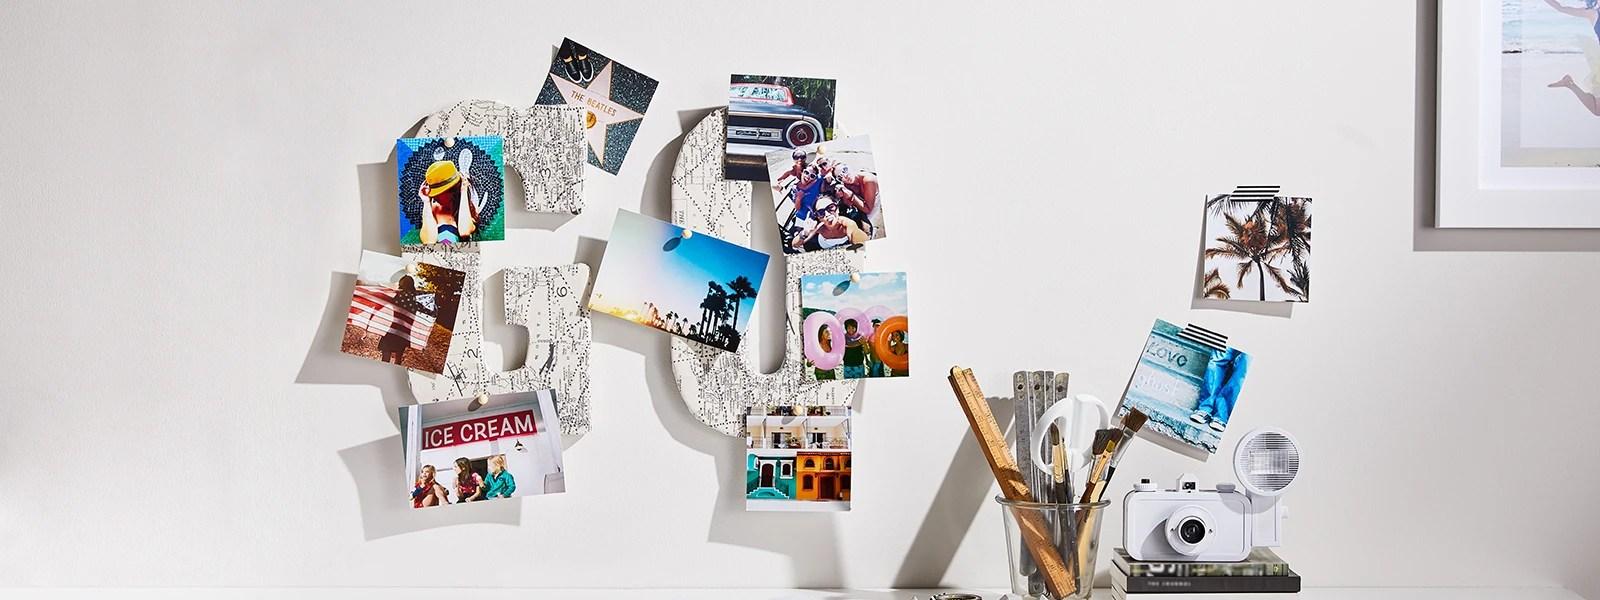 prints order photo prints